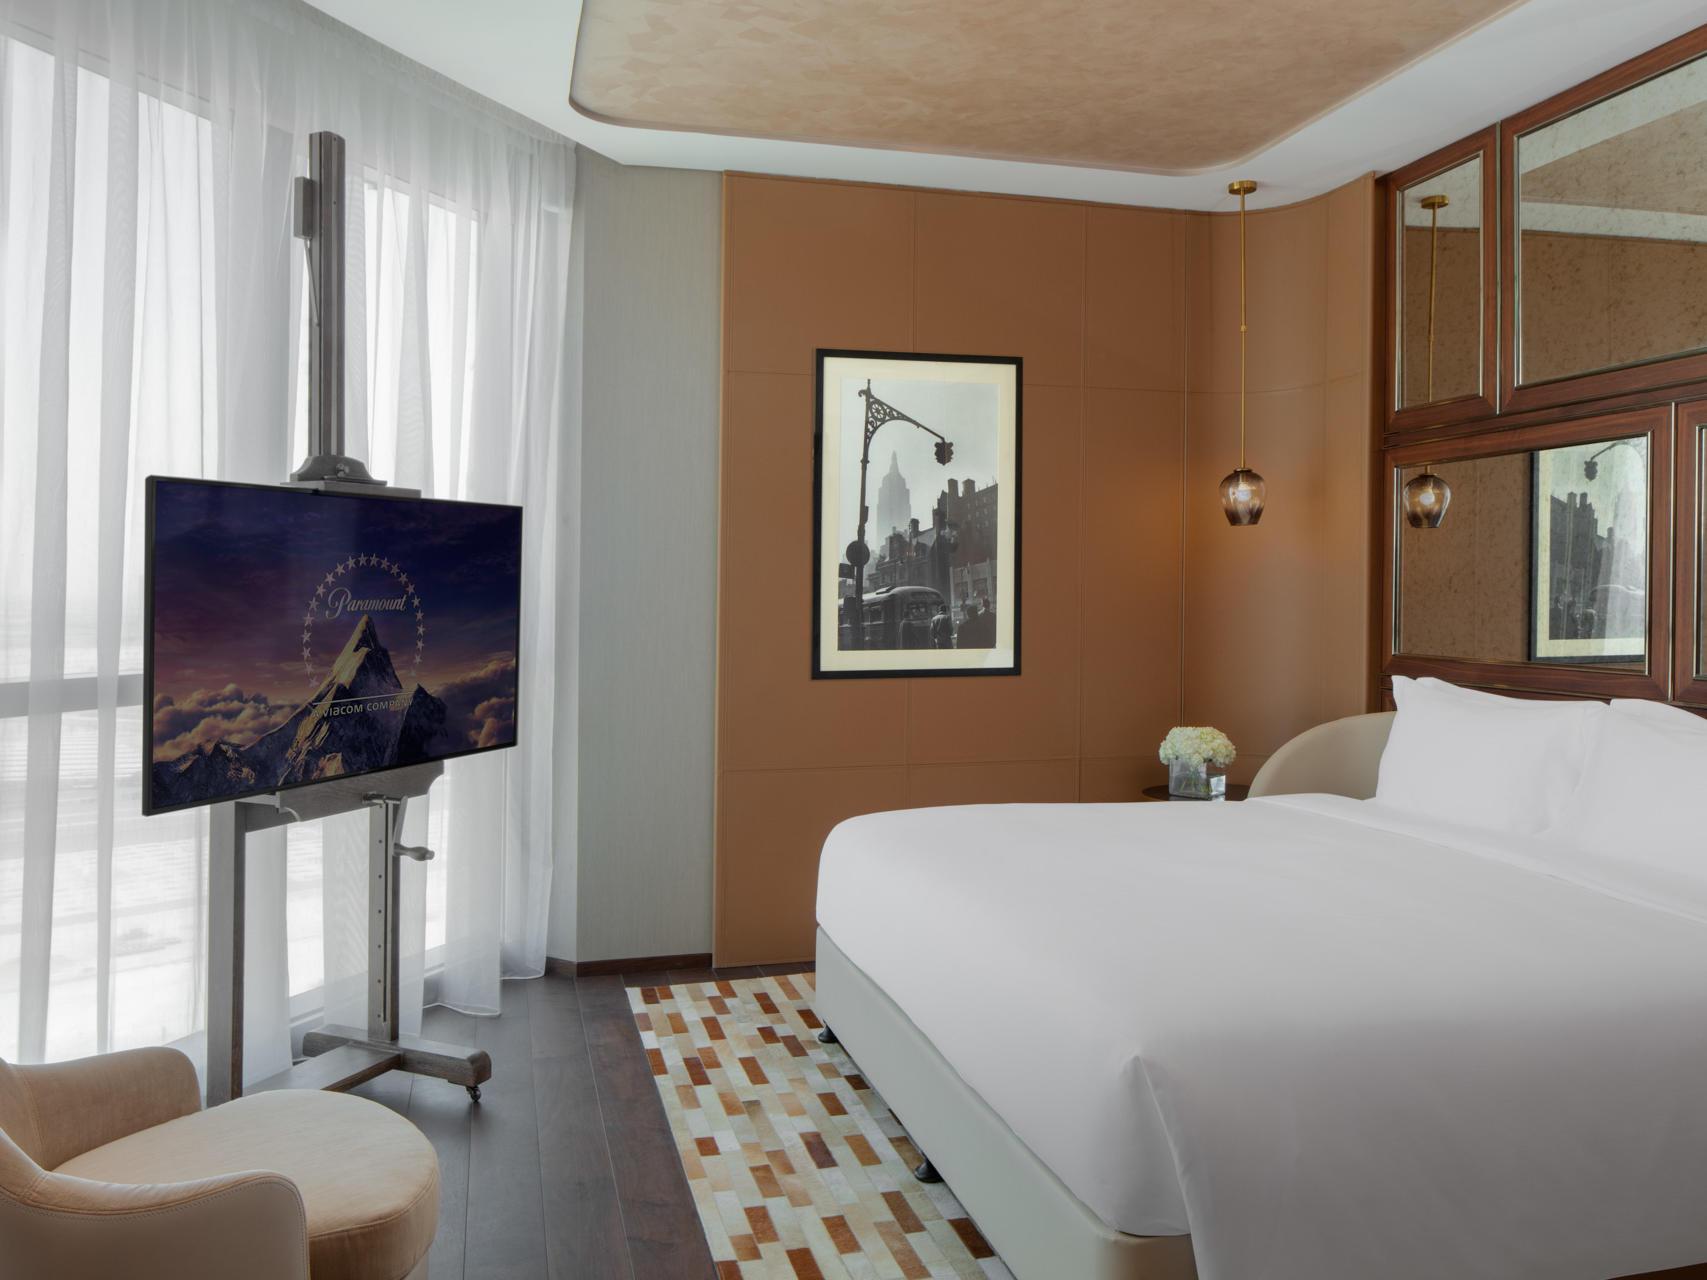 迪拜派拉蒙酒店Don Corleone套房